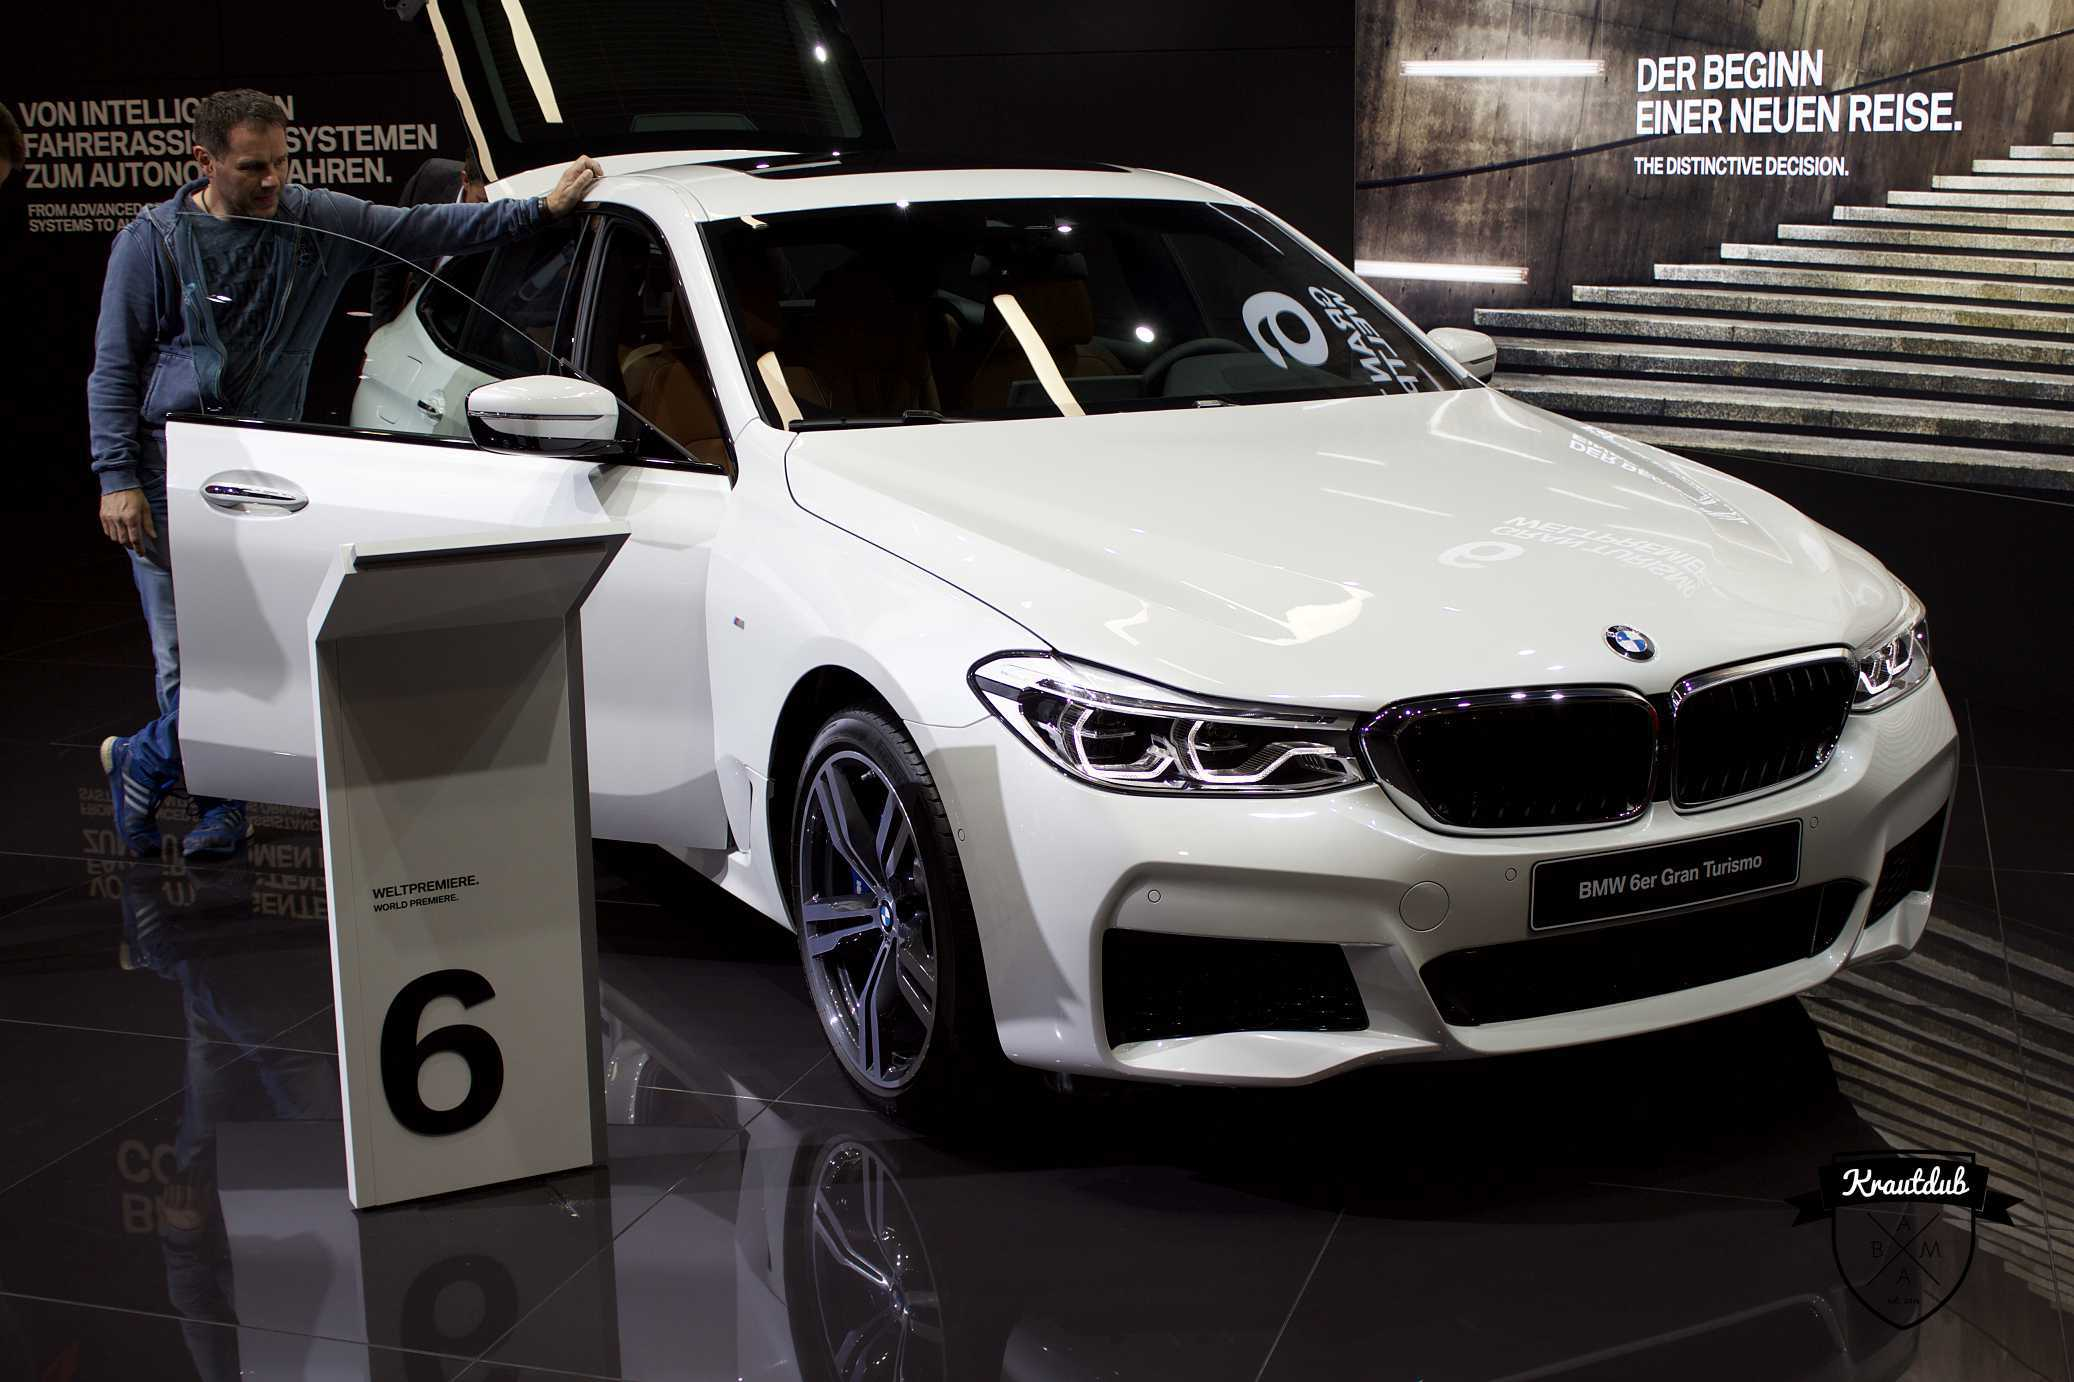 BMW 6er Gran Tourismo  - IAA 2017